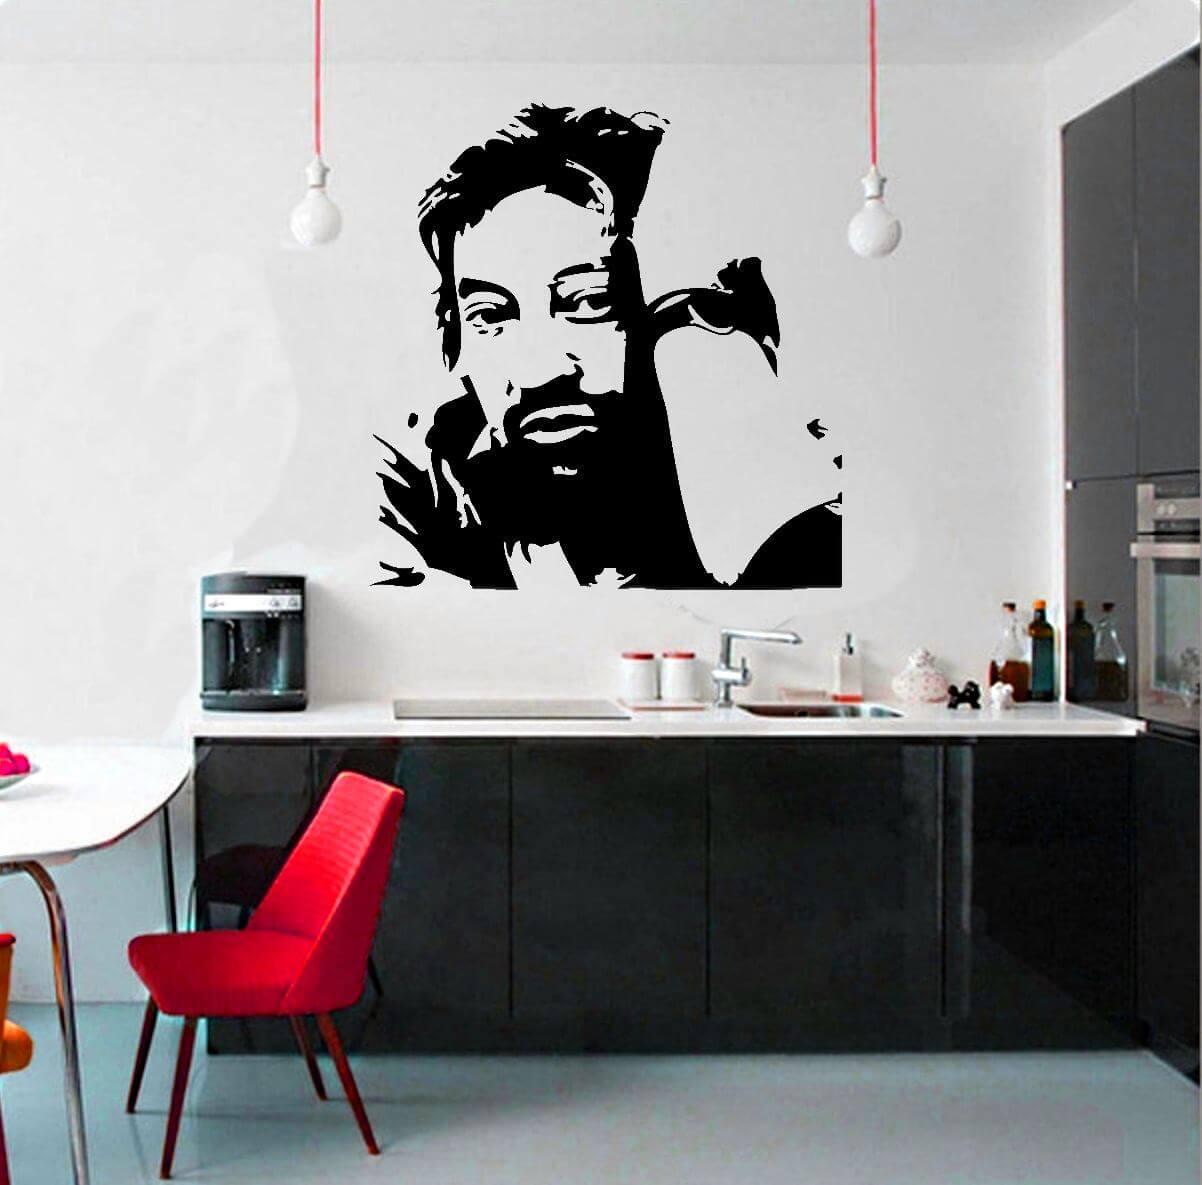 acheter-pochoir-mural-personnalise.jpg